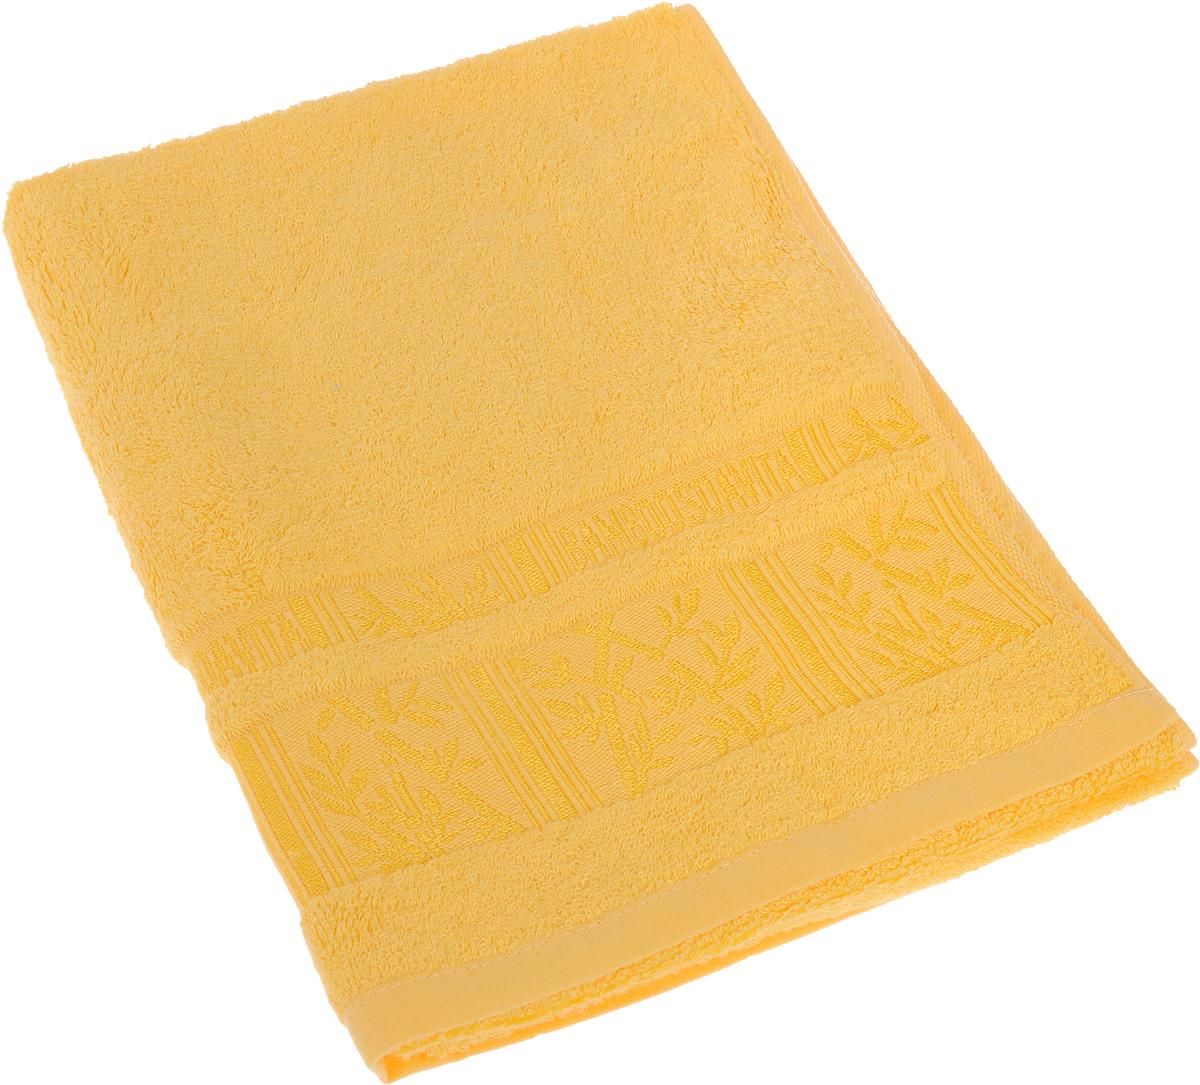 Полотенце Soavita Sofia, цвет: желтый, 50 х 90 смRC-100BWCПолотенце Soavita Sofia выполнено из 100% бамбукового волокна. Изделие отлично впитывает влагу, быстро сохнет, сохраняет яркость цвета и не теряет форму даже после многократных стирок. Полотенце очень практично и неприхотливо в уходе. Оно создаст прекрасное настроение и украсит интерьер в ванной комнате.